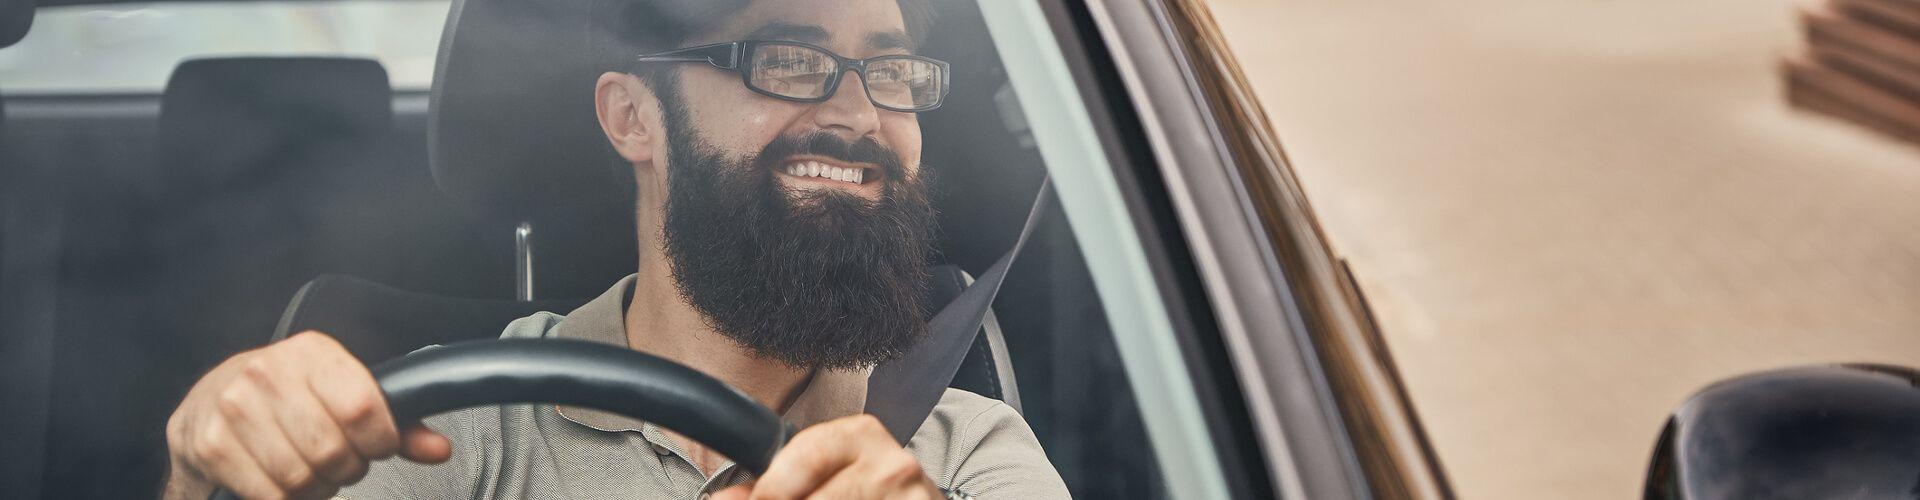 Dirigindo bem: 6 dicas que vão ajudar você a ser um bom motorista